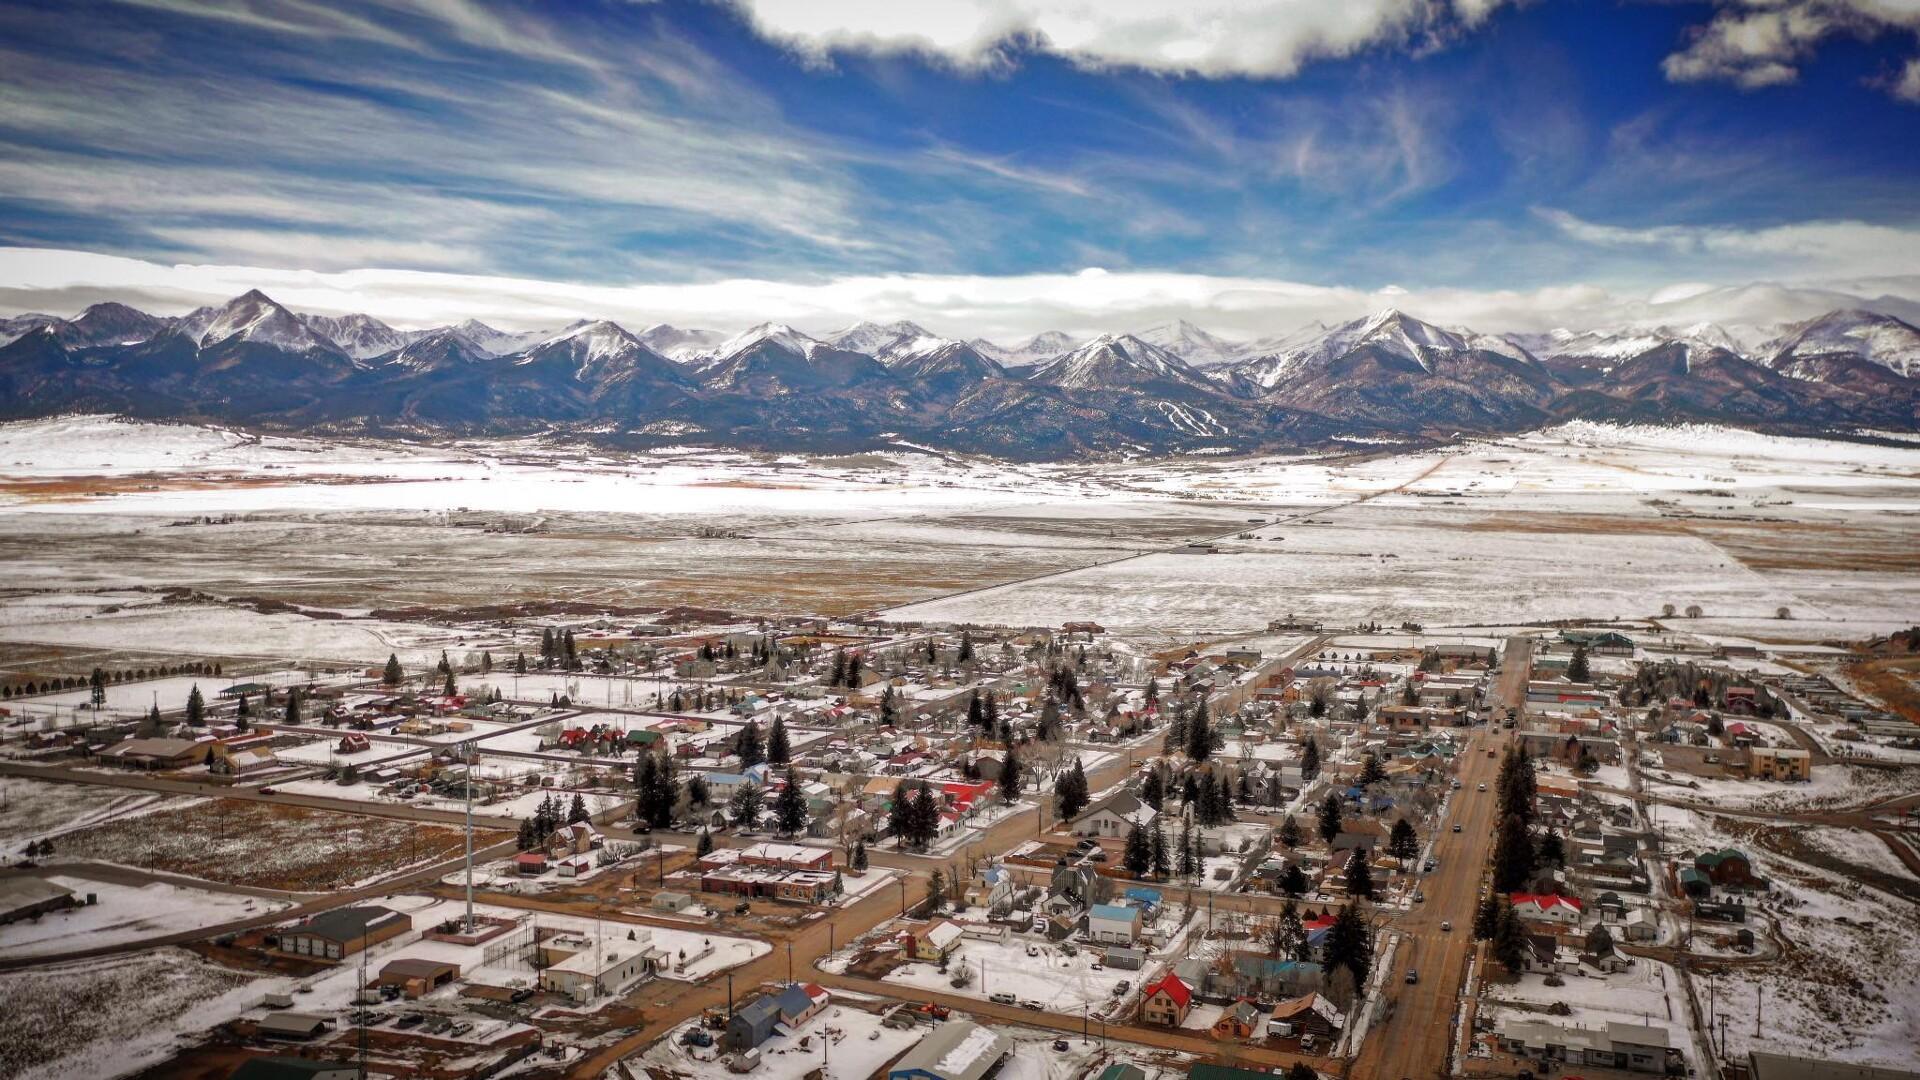 Westcliffe Colorado Michael Randol.jpg